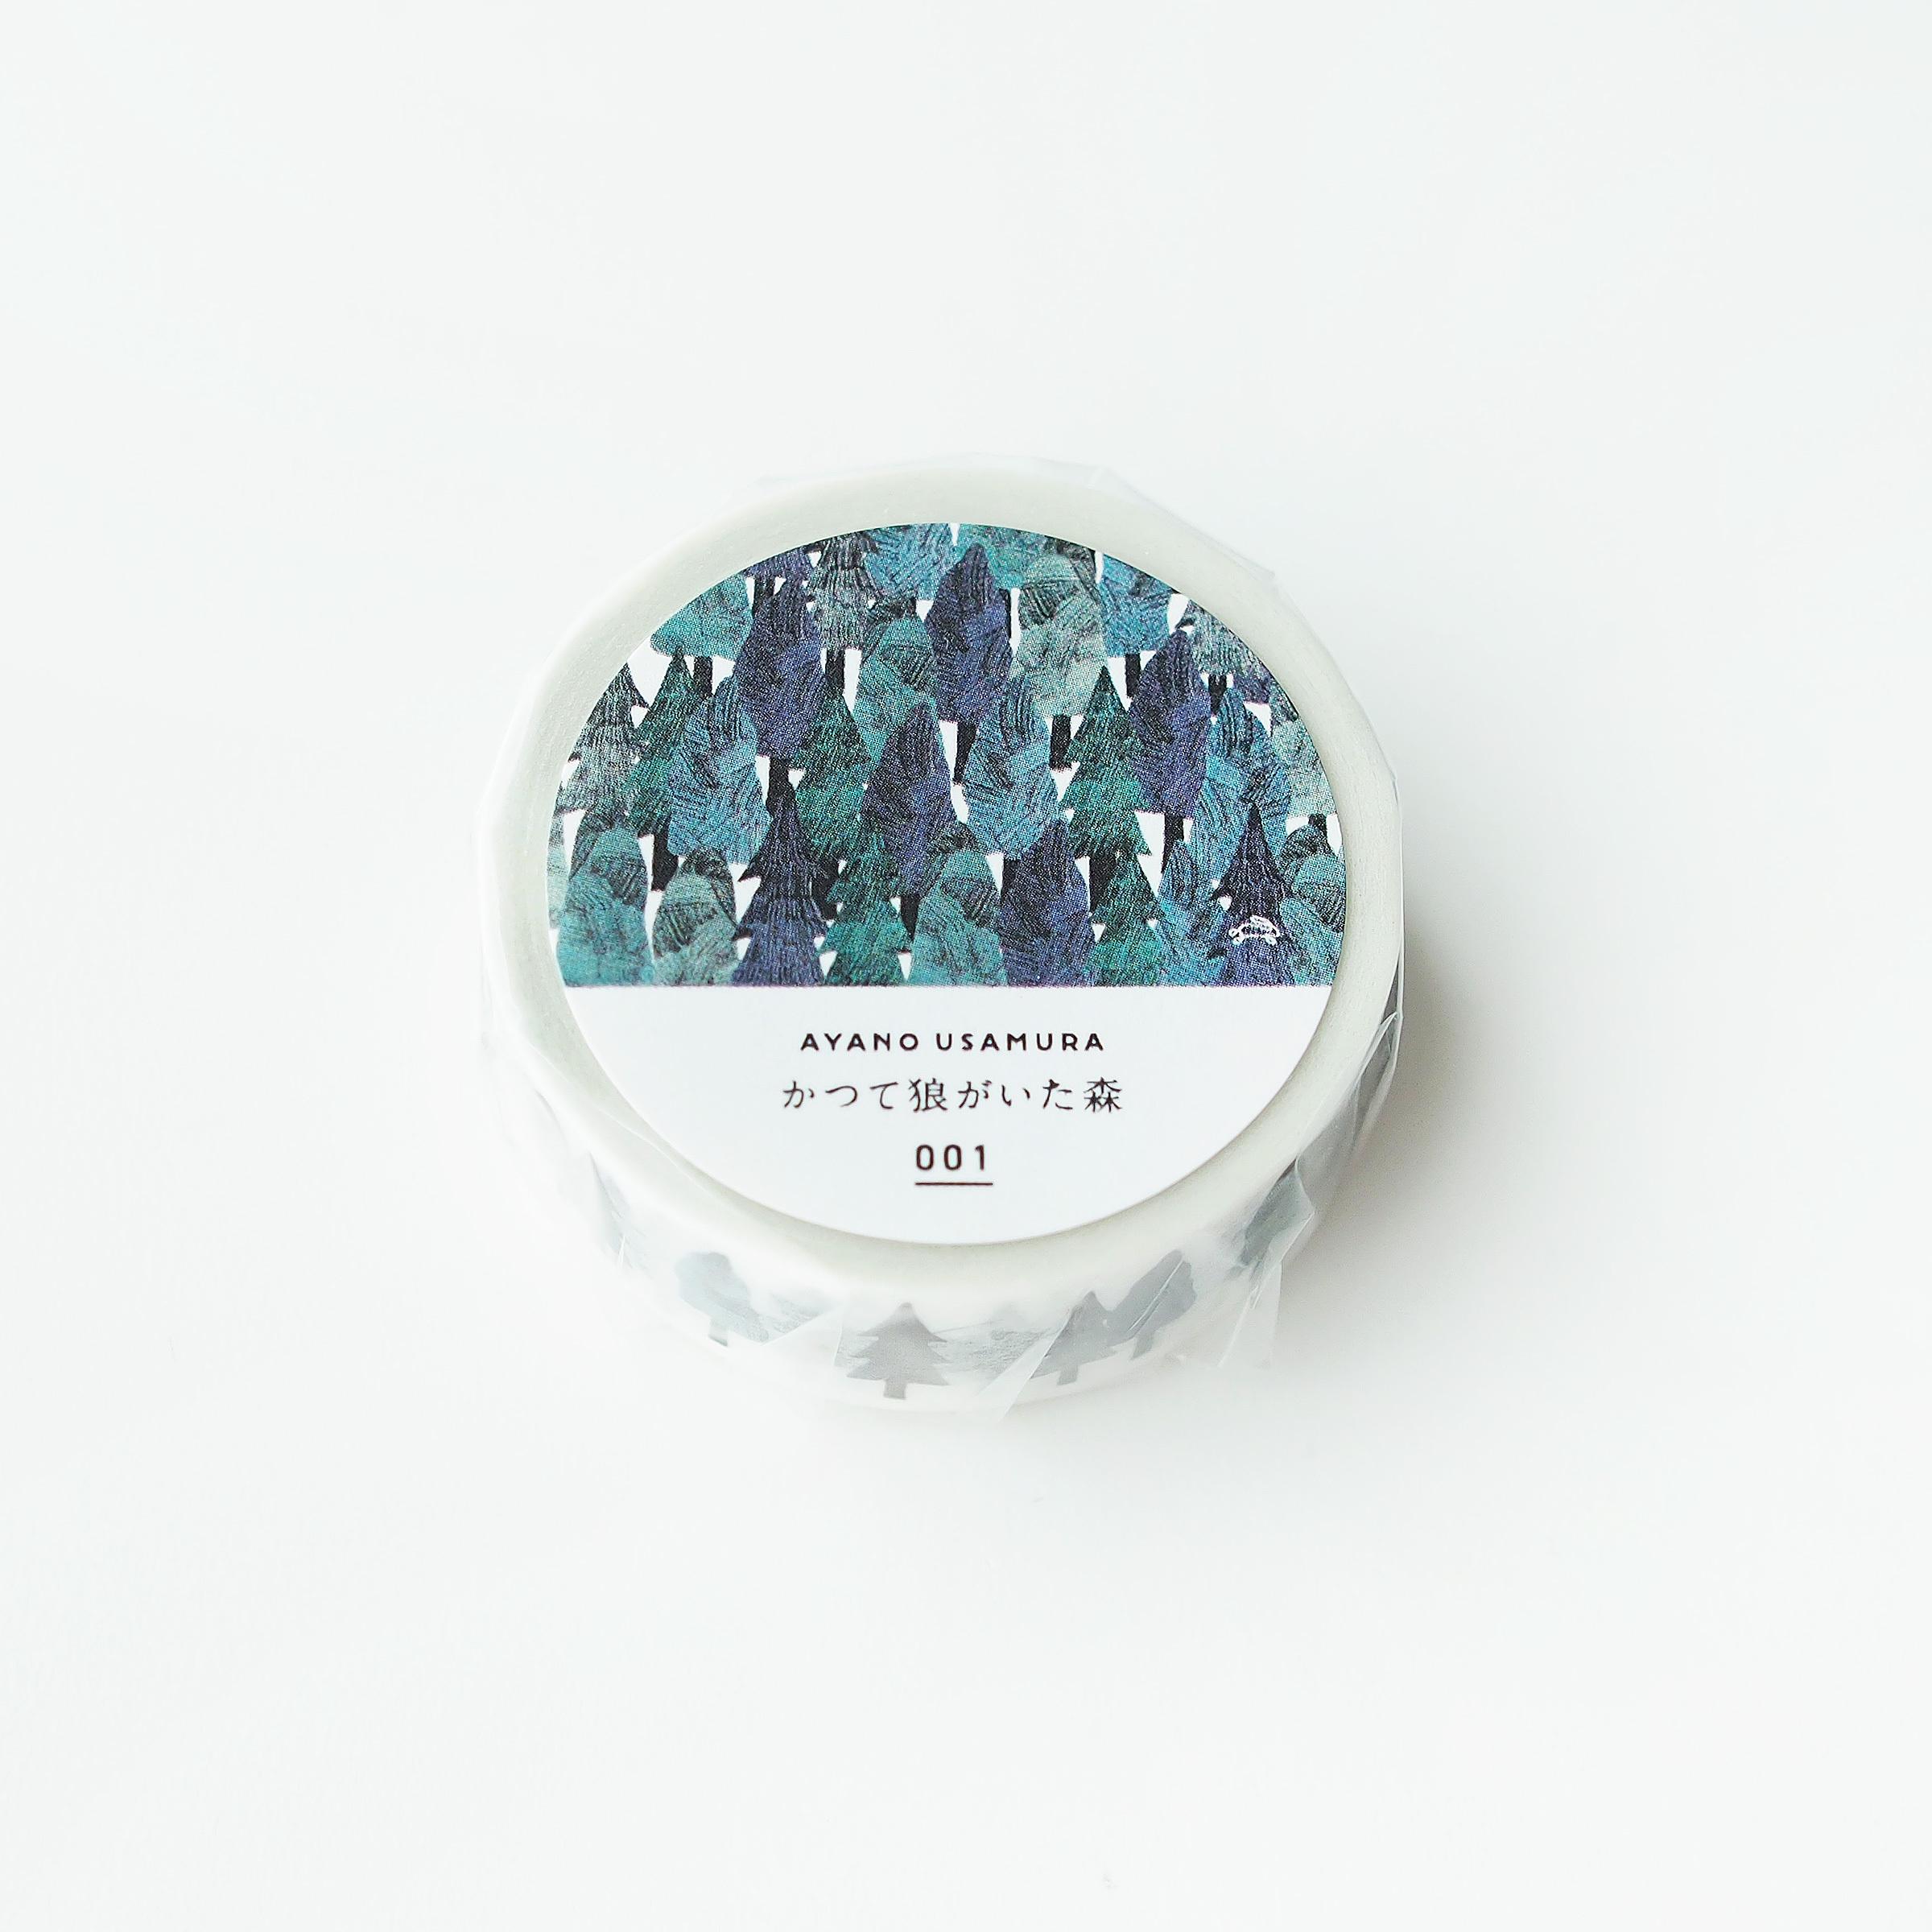 マスキングテープ|001 かつて狼がいた森|18mm